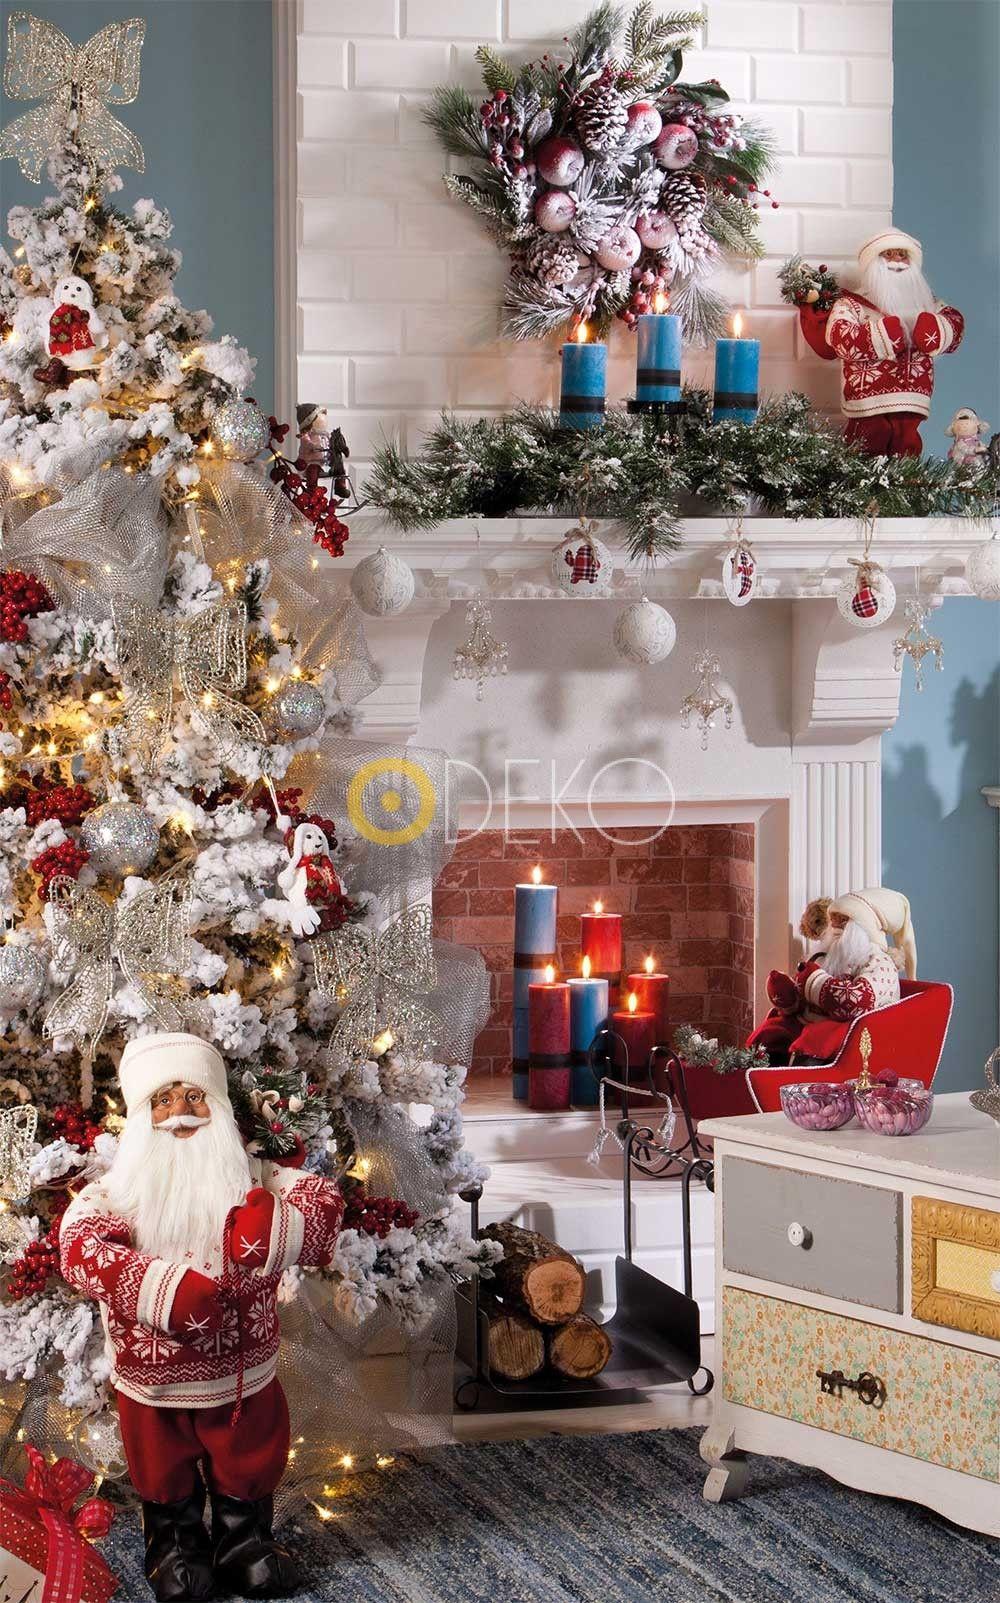 Bilder Weihnachtsdeko 2019.Weihnachtsdeko 2019 Italiaansinschoonhoven